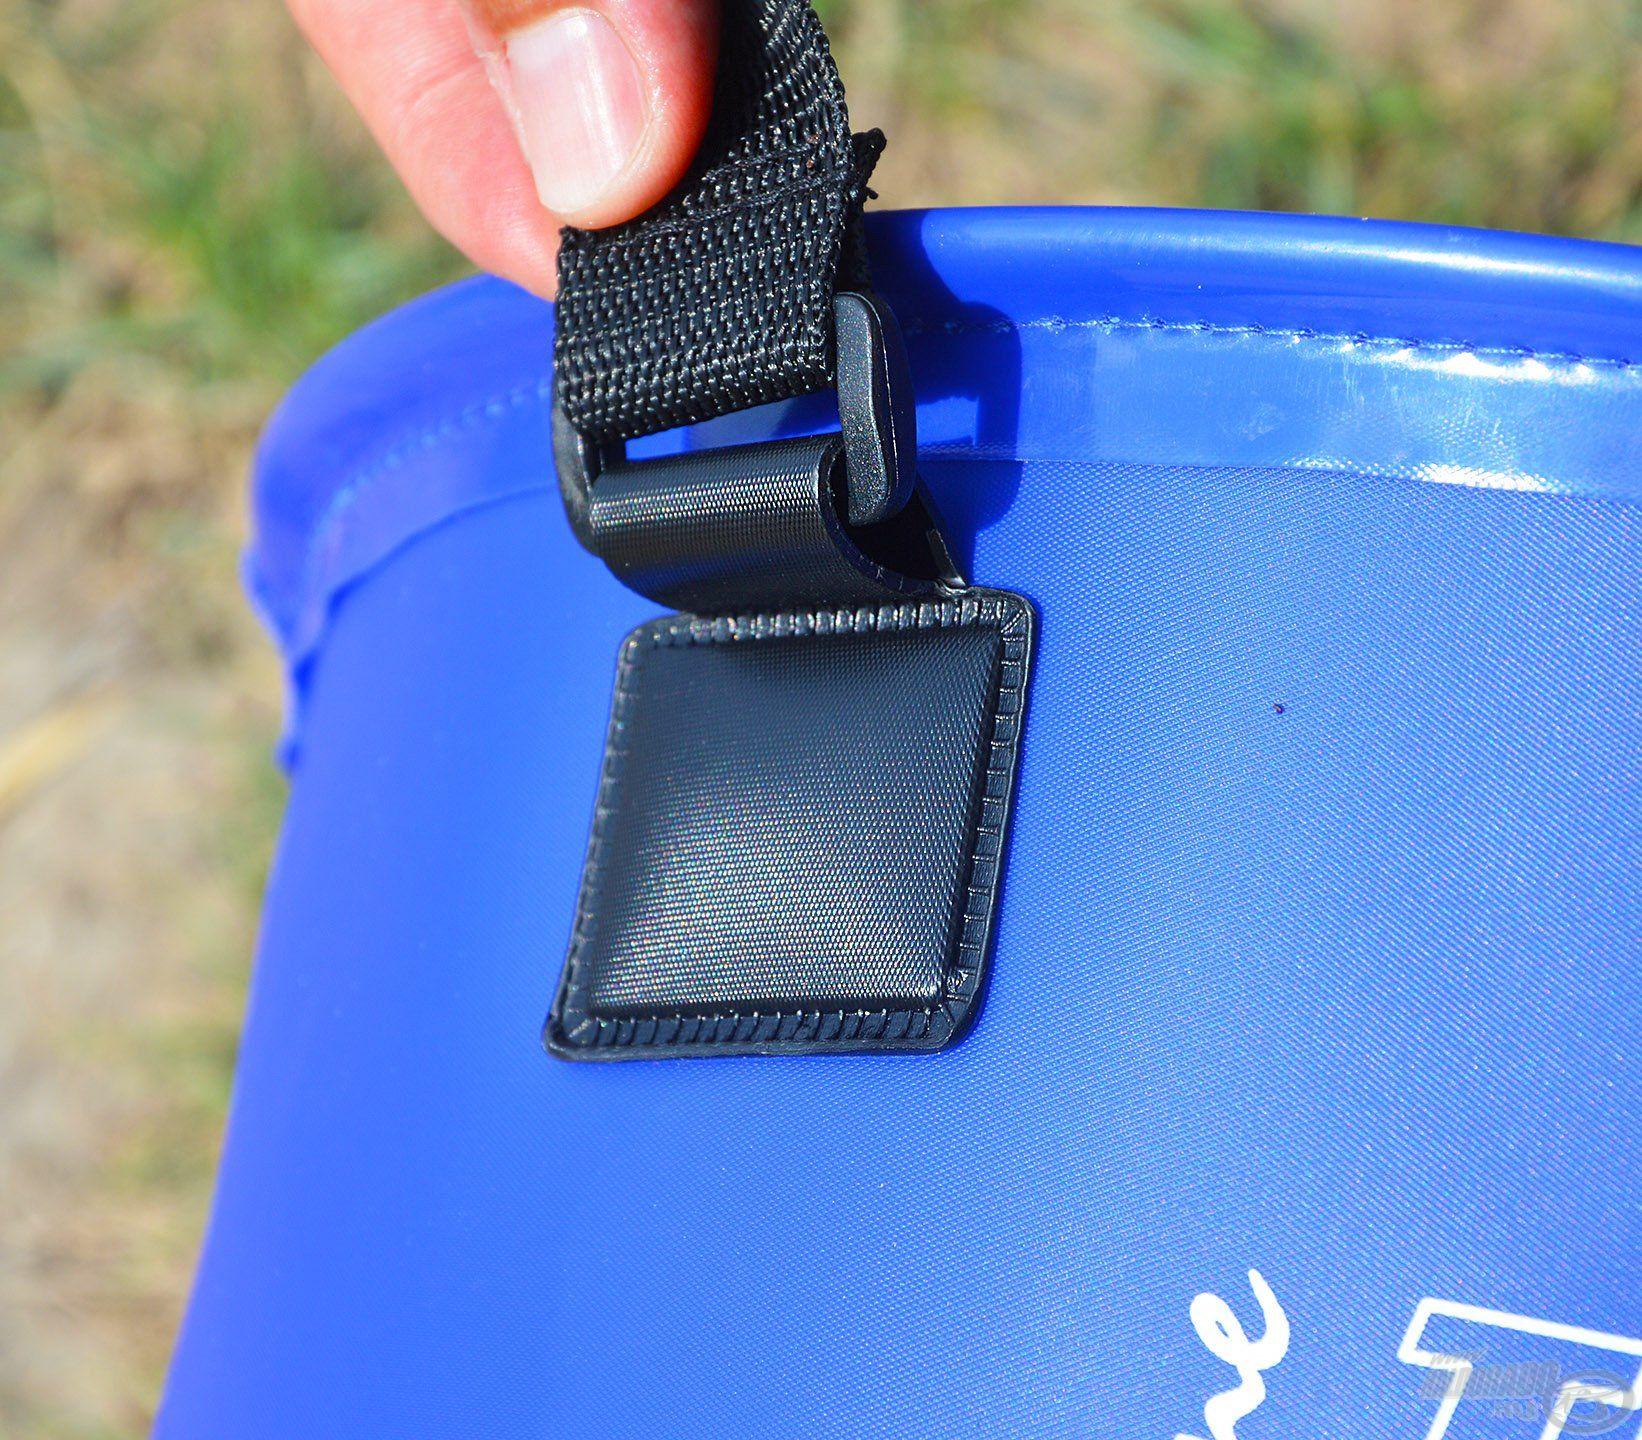 …melyek egy-egy precíz, műanyag illesztéssel, illetve kapoccsal csatlakoznak a keverőedényekhez